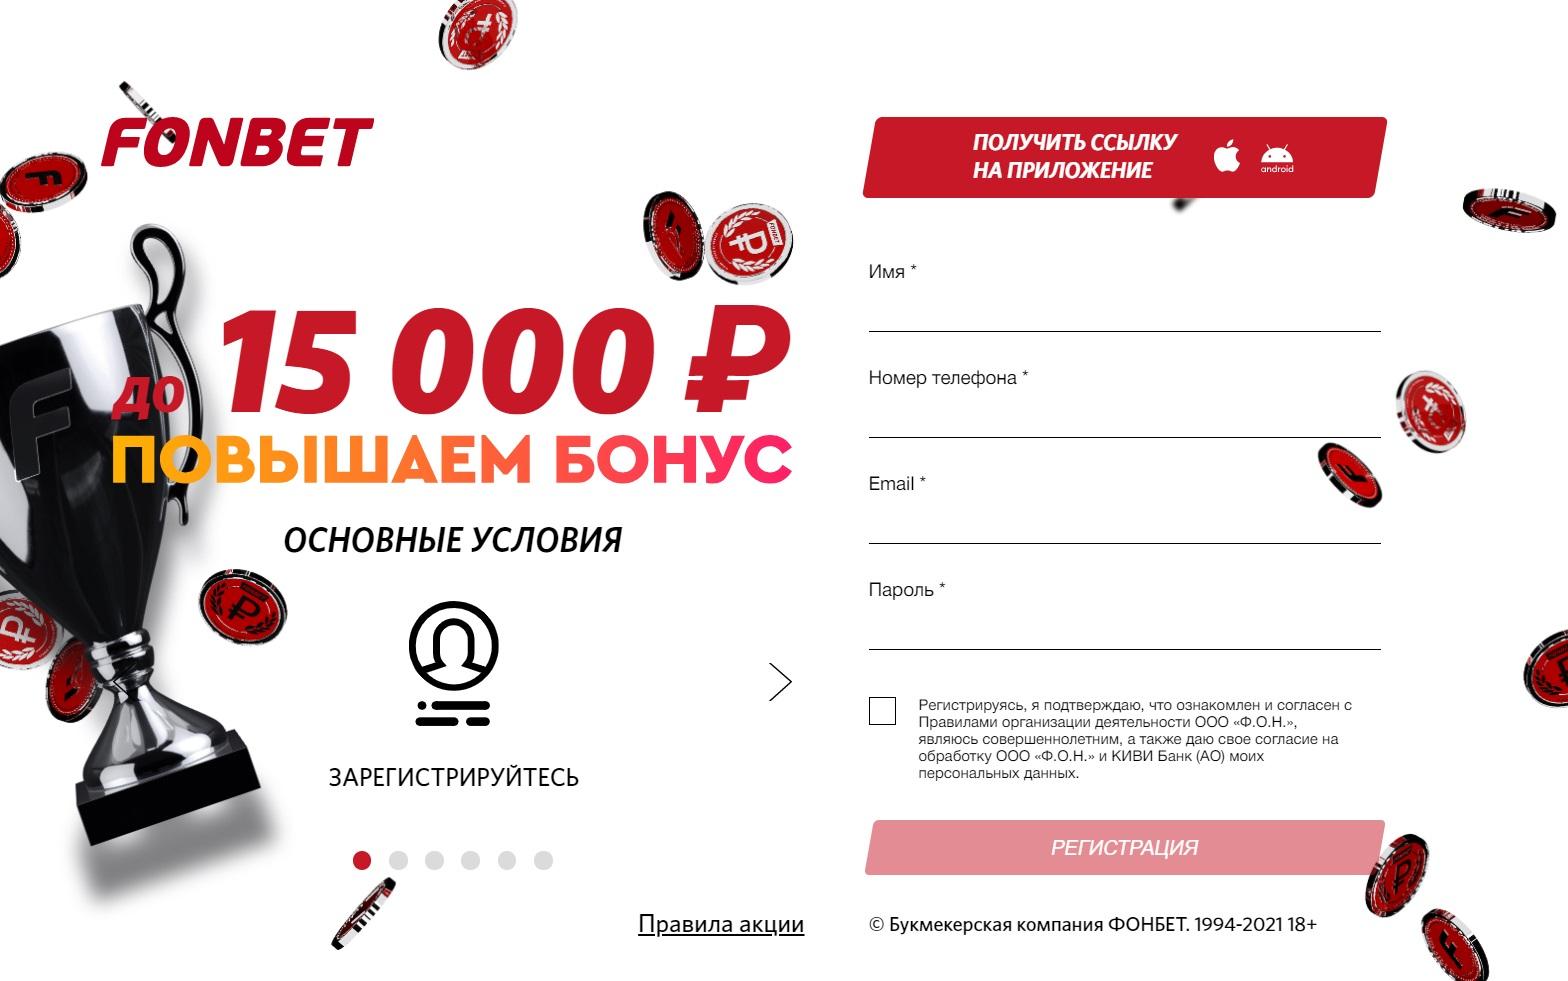 Регистрарция в Фонбет с бонусом 15 000